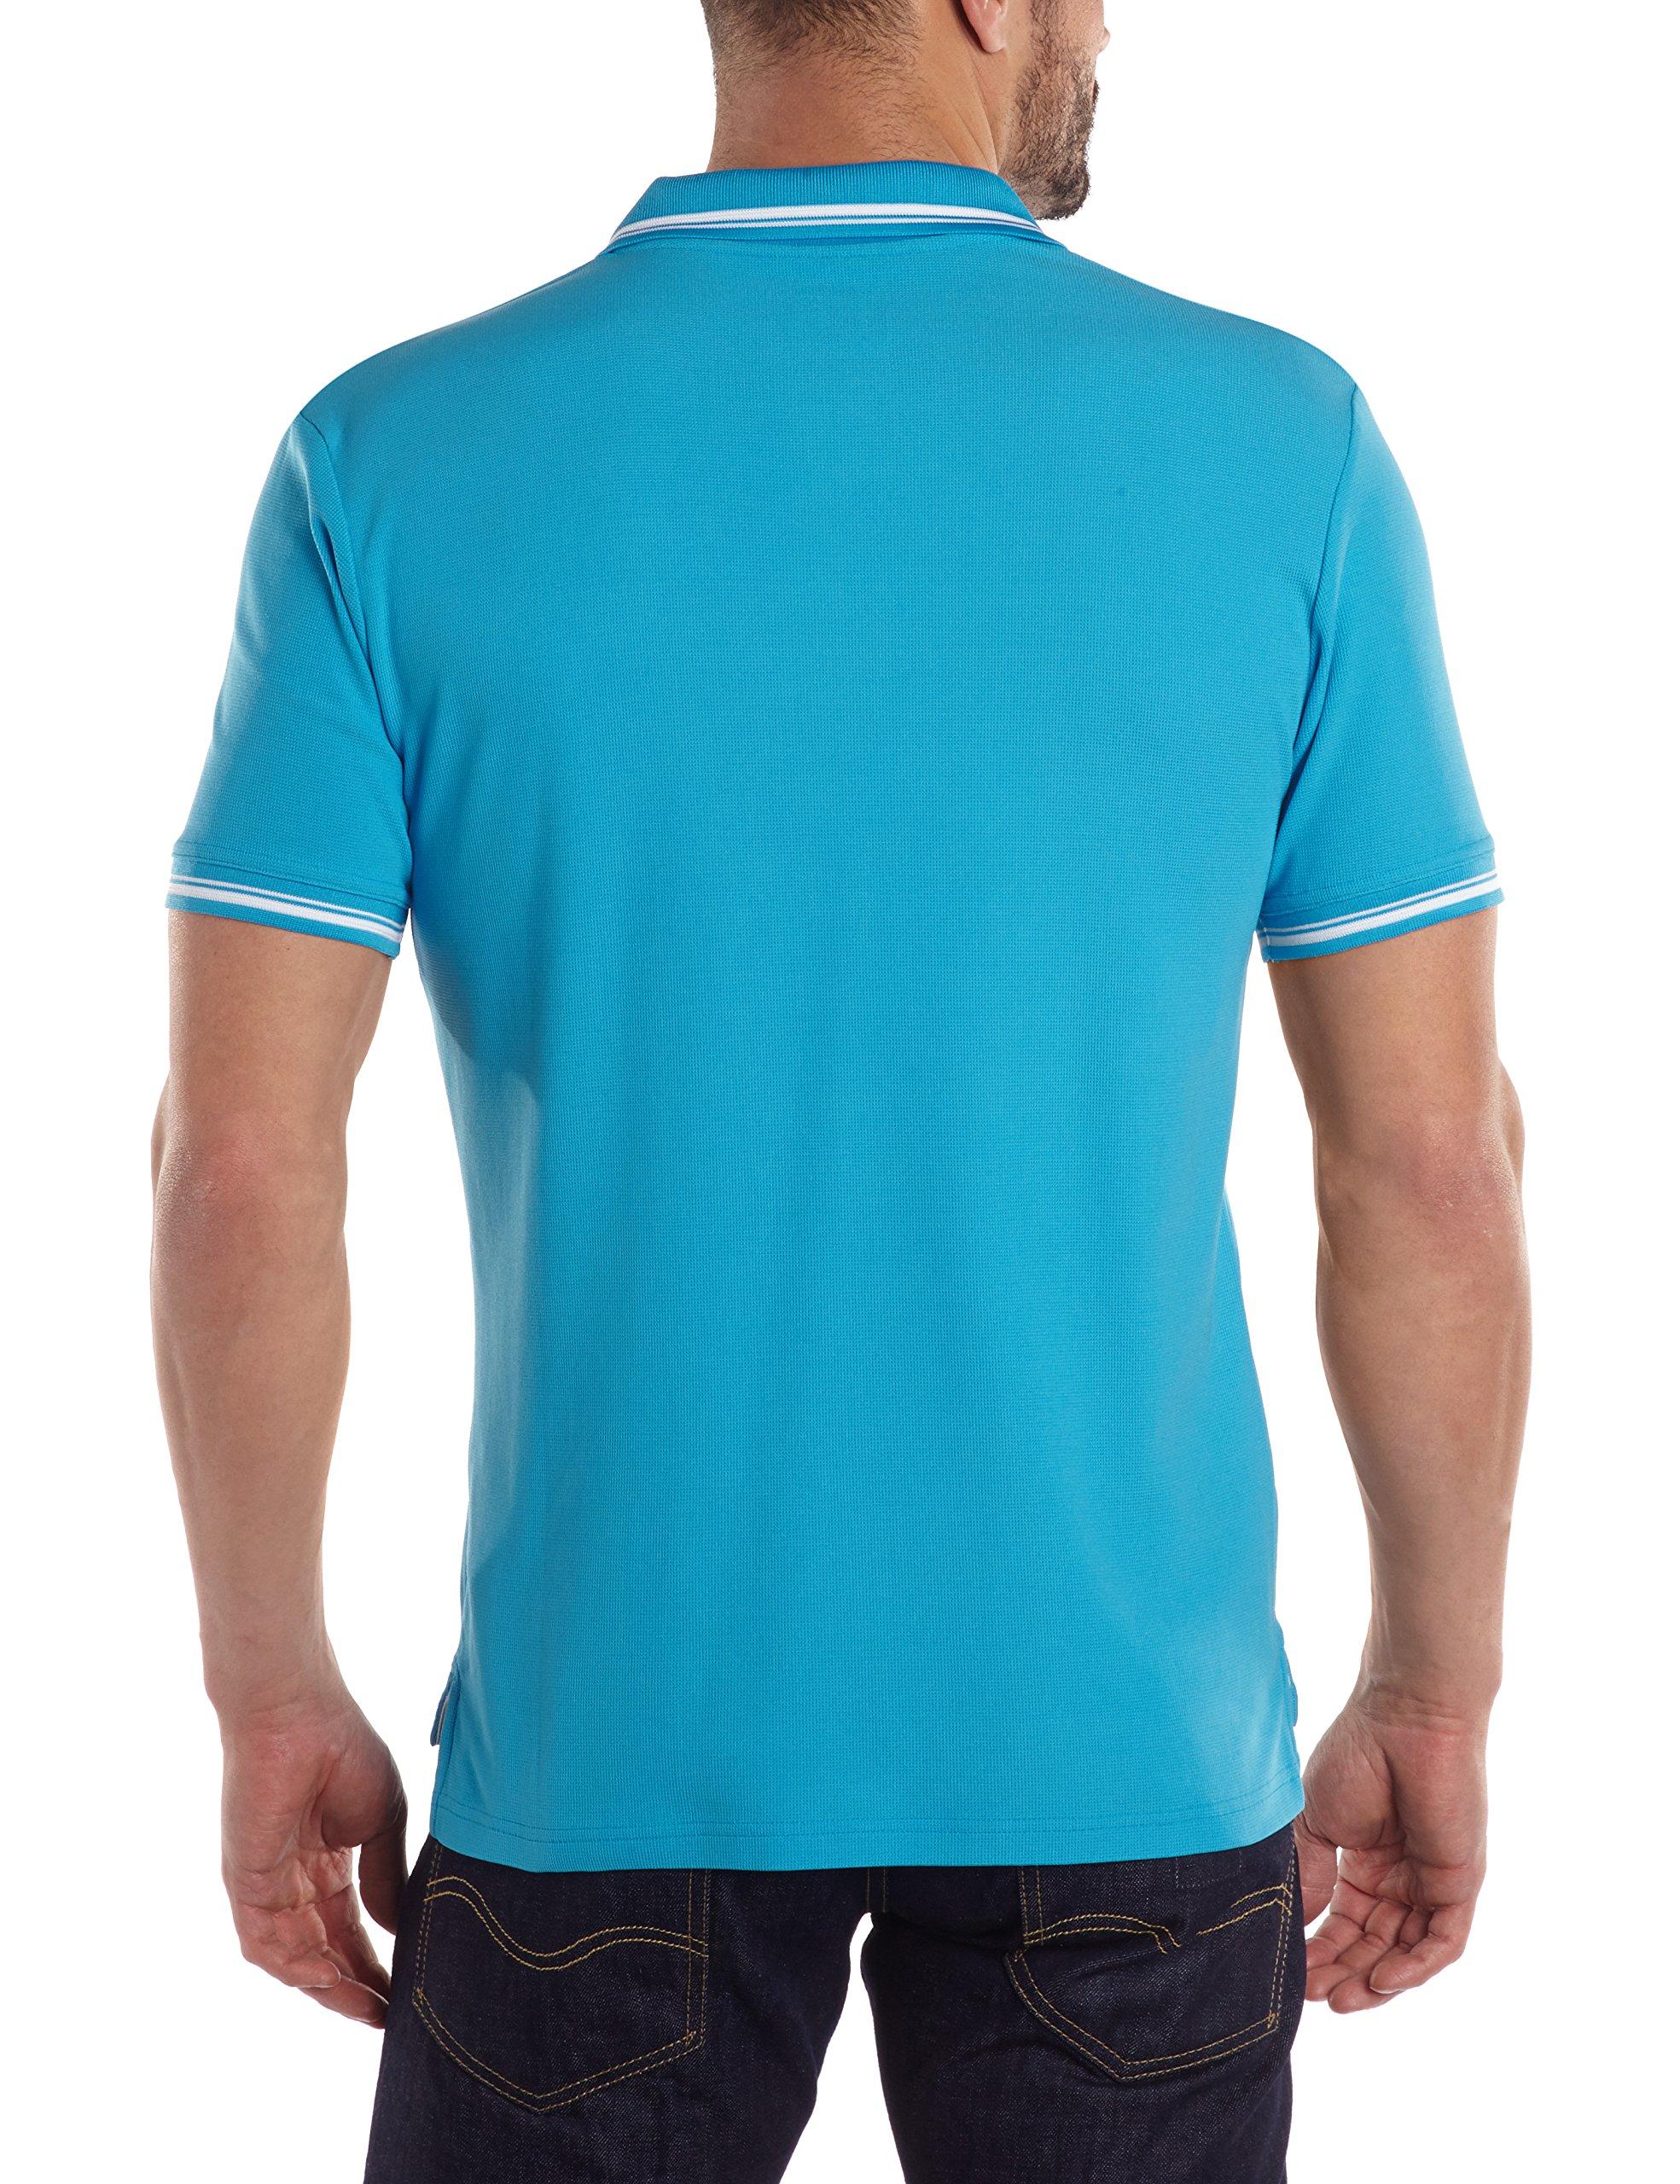 91hRp1ybFKL - Helly Hansen Quick Dry Kos Men's Outdoor Short Sleeve T-Shirt